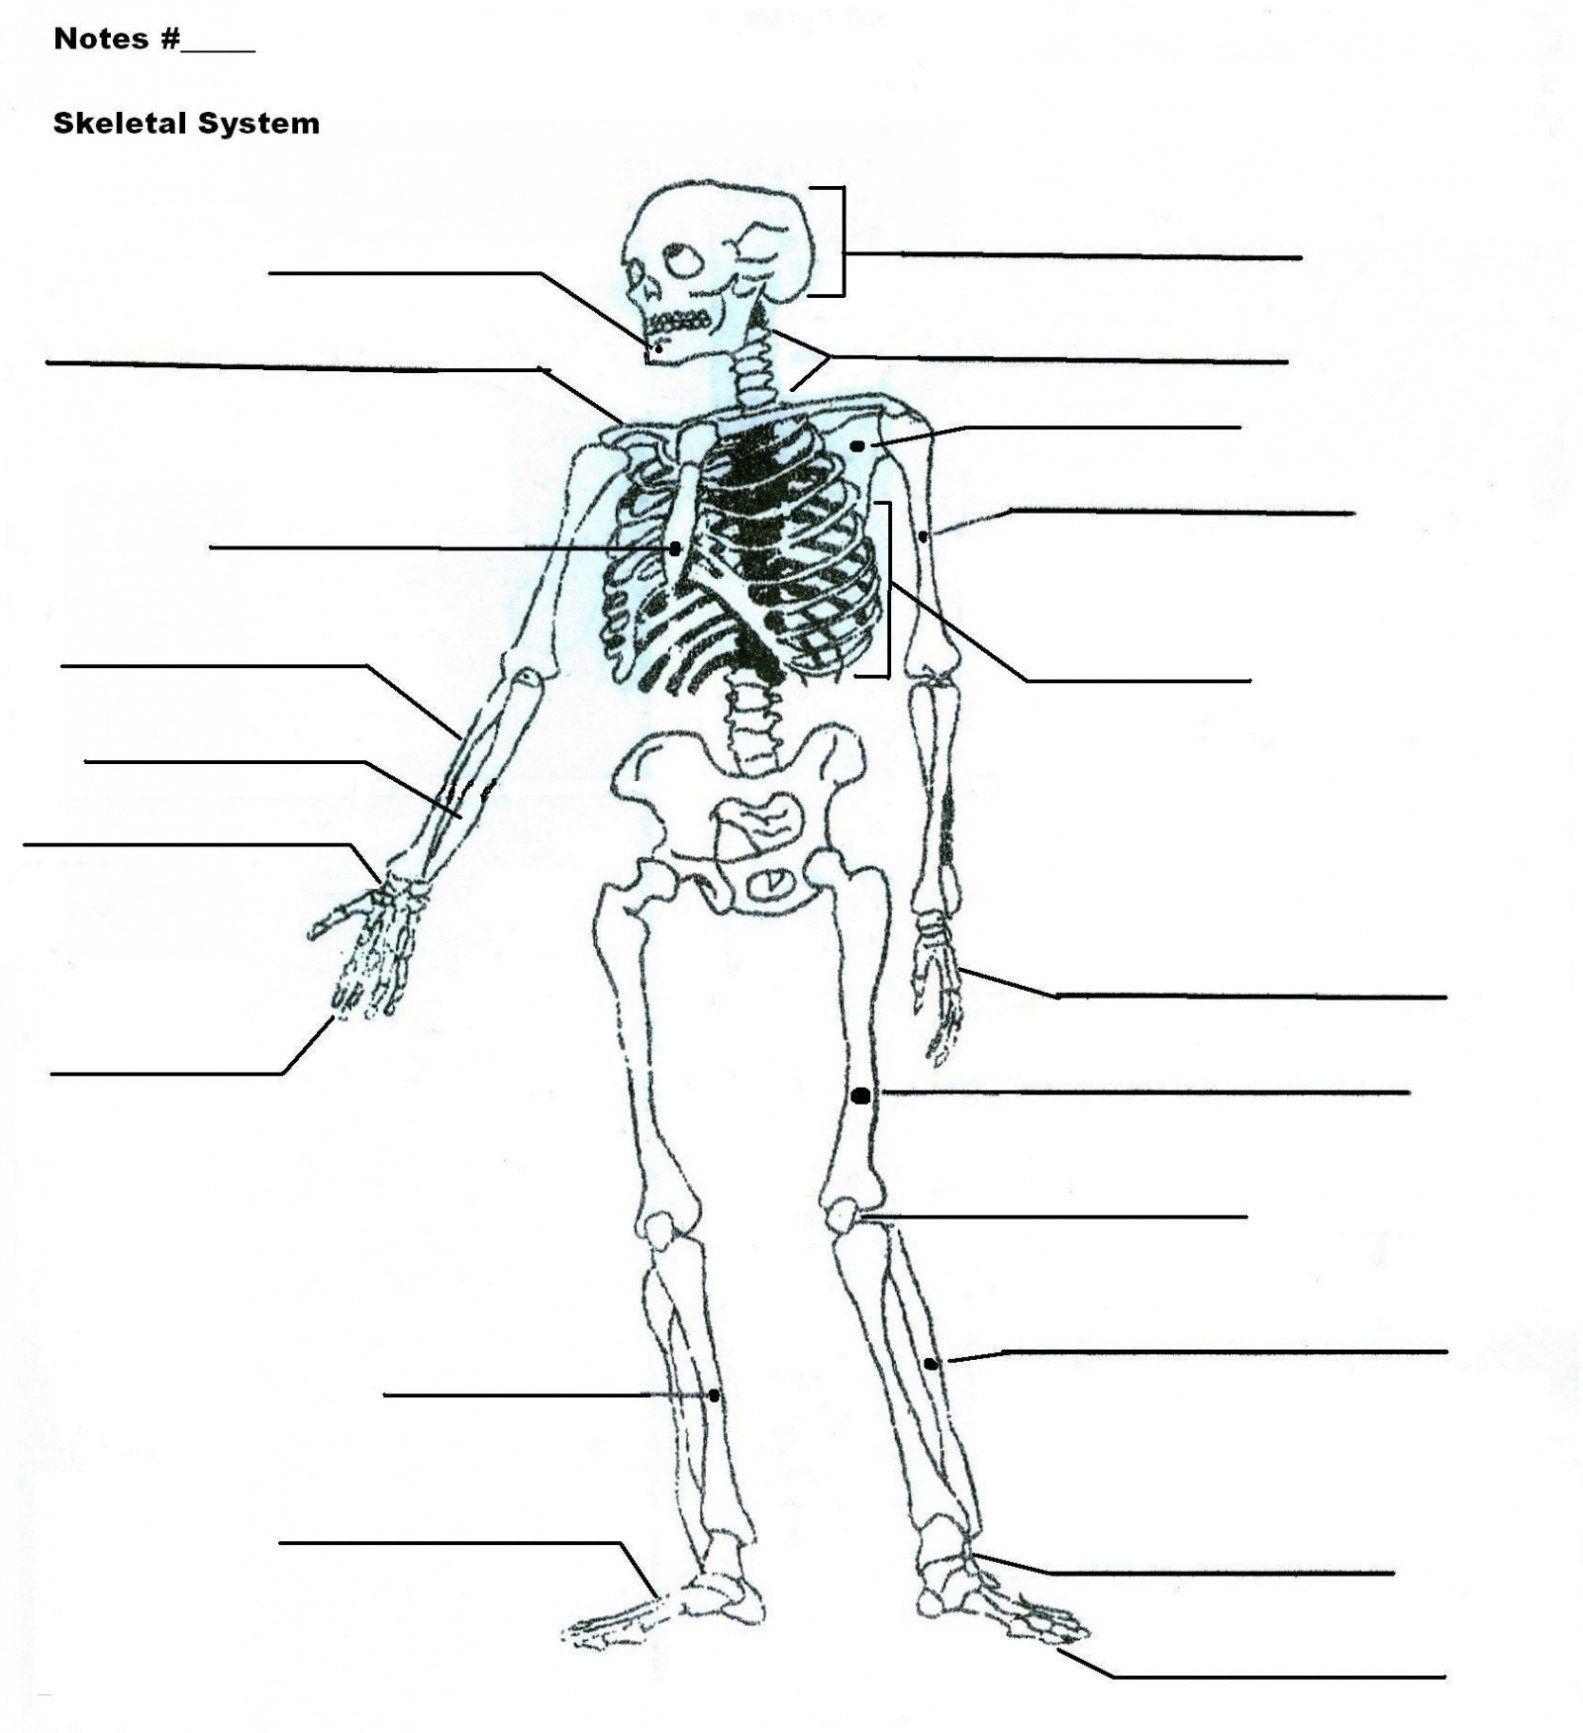 human skeleton diagram unlabeled human skeleton diagram unlabeled unlabeled skull diagram daytonva150 [ 1583 x 1733 Pixel ]